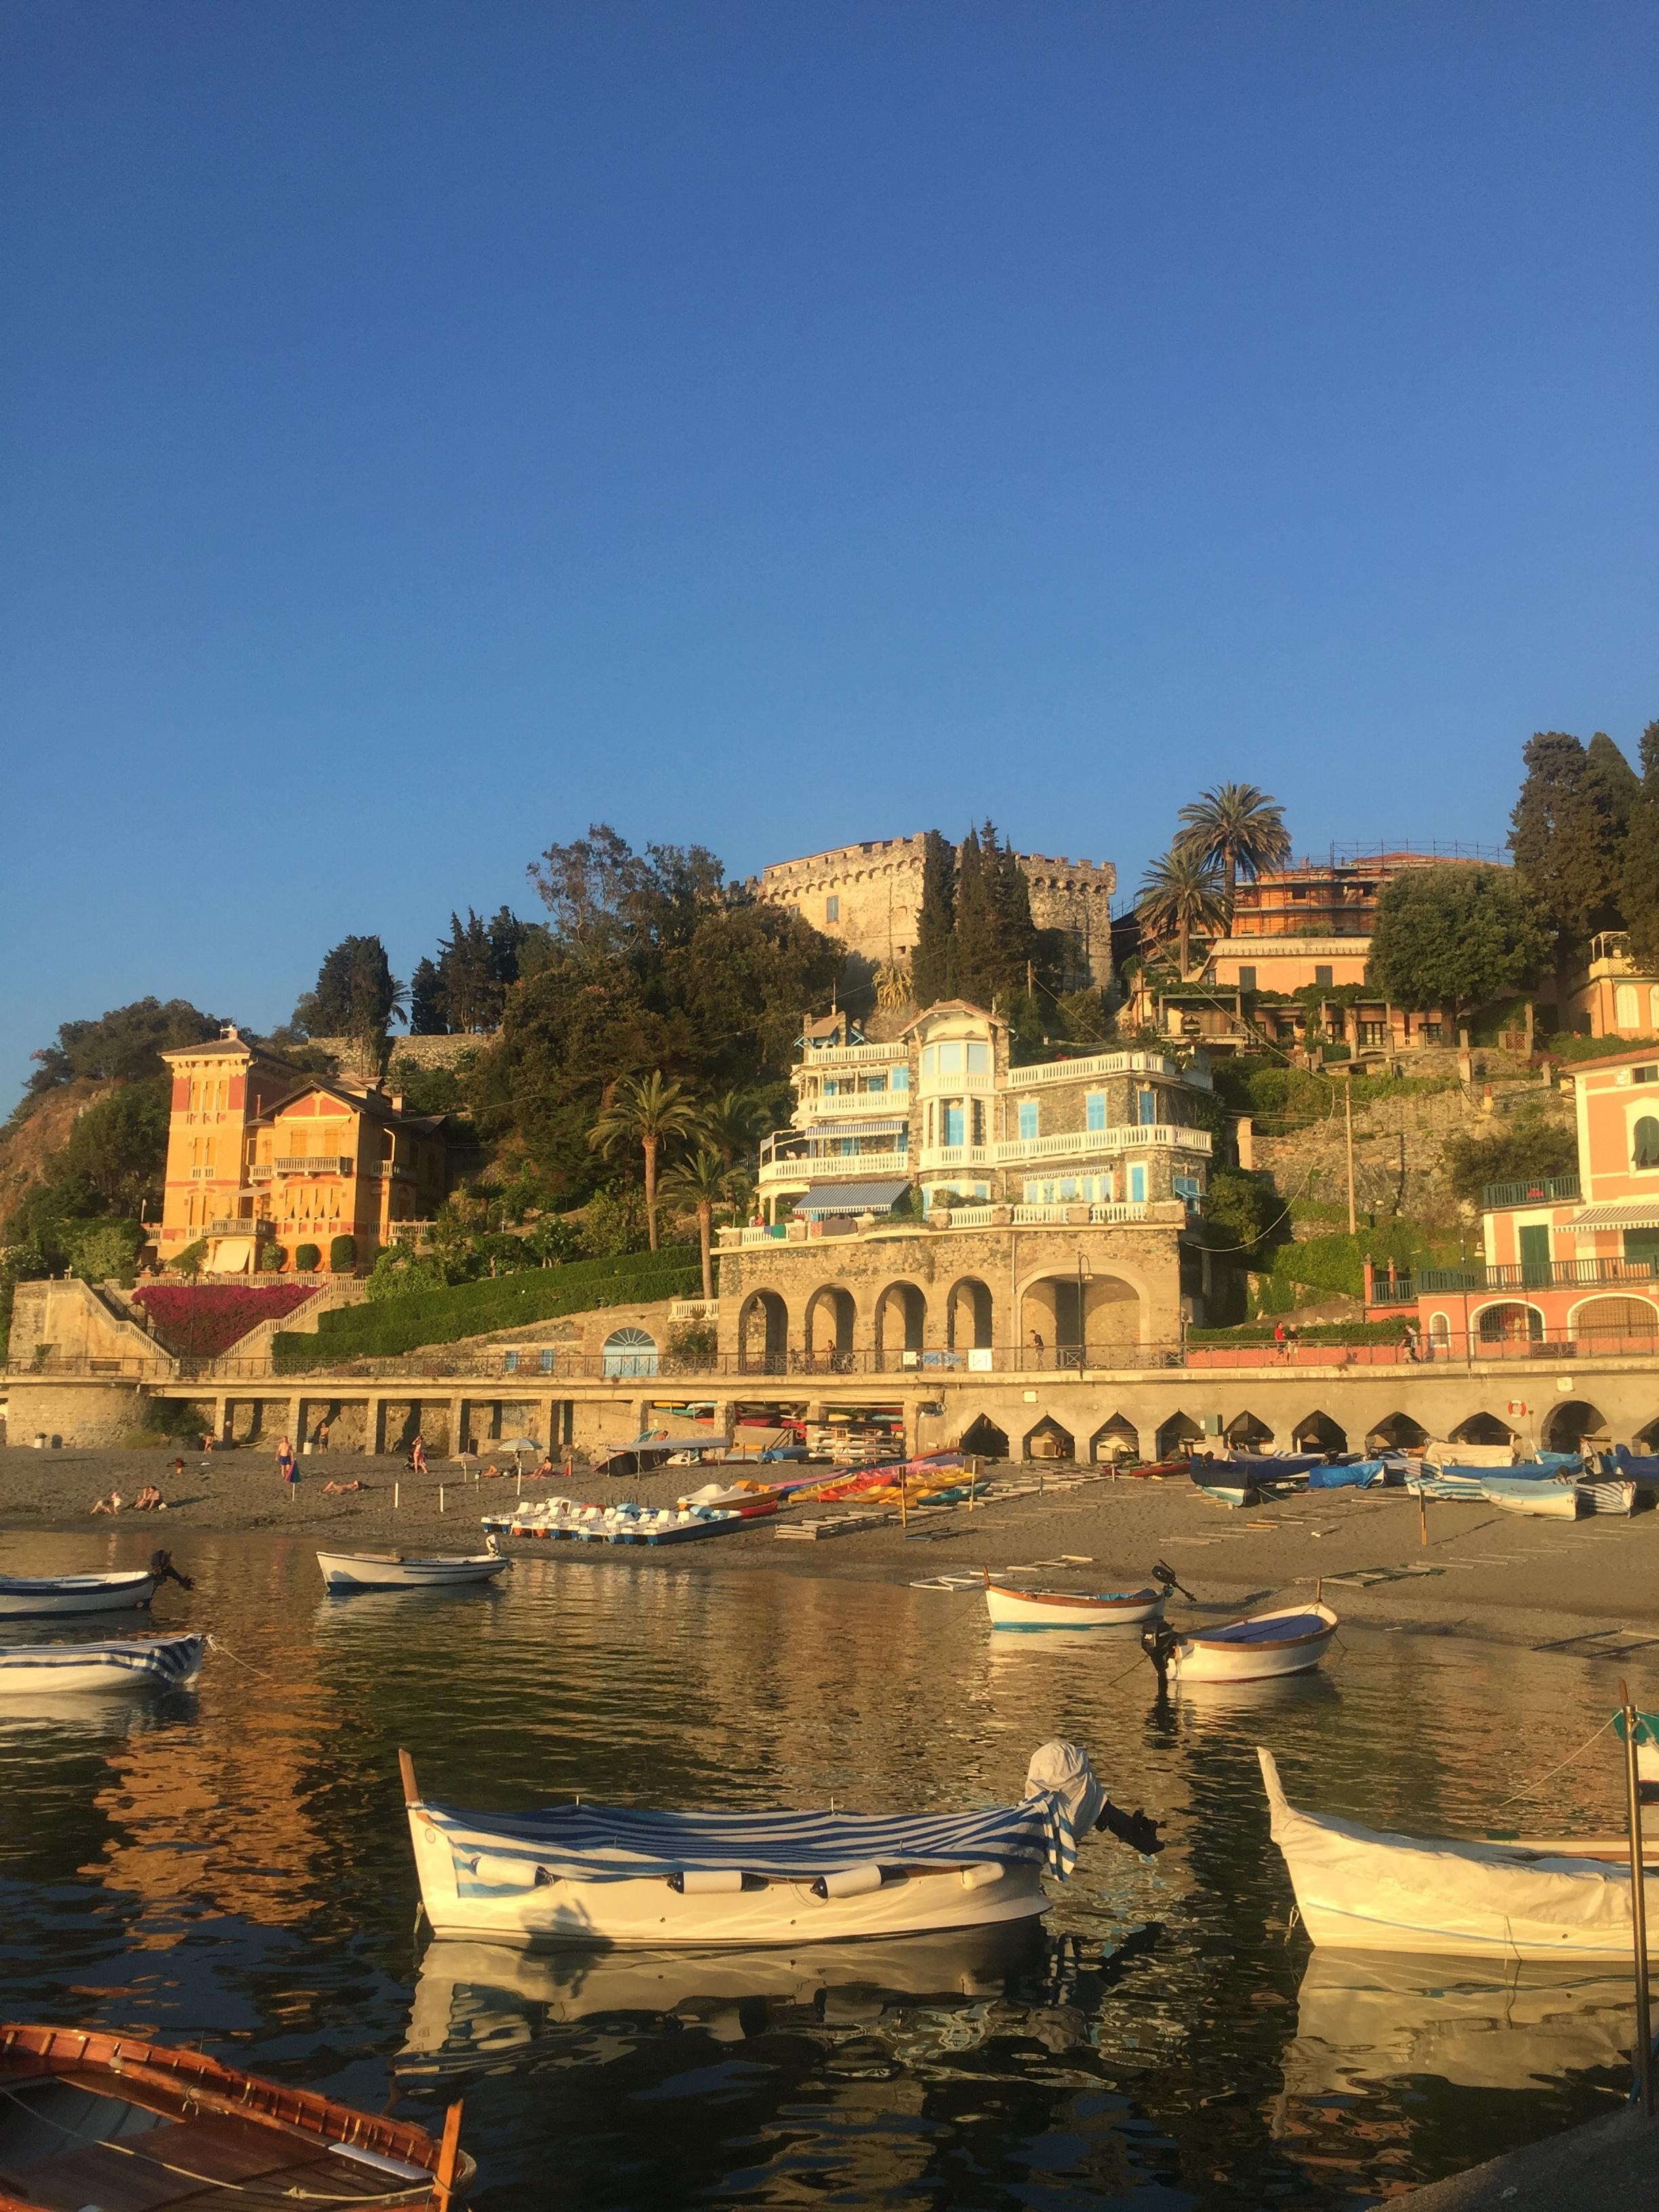 Golden hour in Levanto